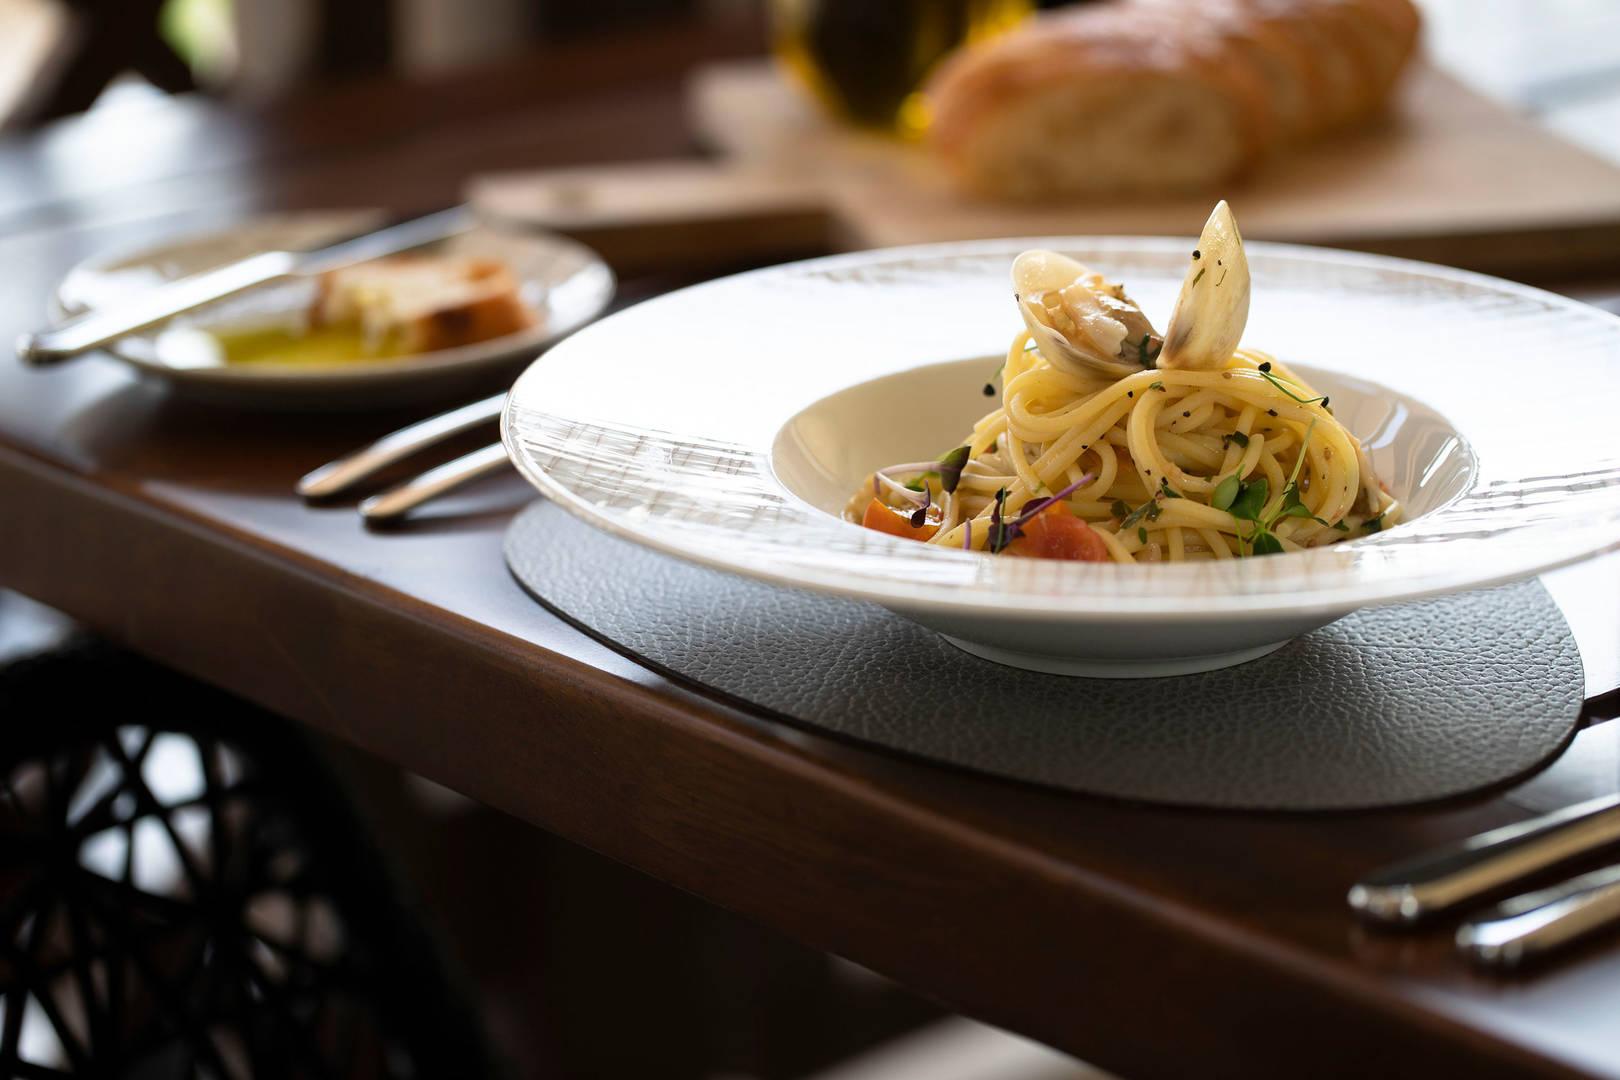 https://cdn.jumeirah.com/-/mediadh/DH/Hospitality/Jumeirah/Restaurants/Abu-Dhabi/Al-Wathba-Terra-Secca/Restaurant-Gallery/High_resolution_300dpi-Jumeirah-Al-Wathba_-Restaurant_Terra-Secca-1_6-4.jpg?h=1080&w=1620&hash=272D7D3CA35A74DD33F89315A7EE2A21